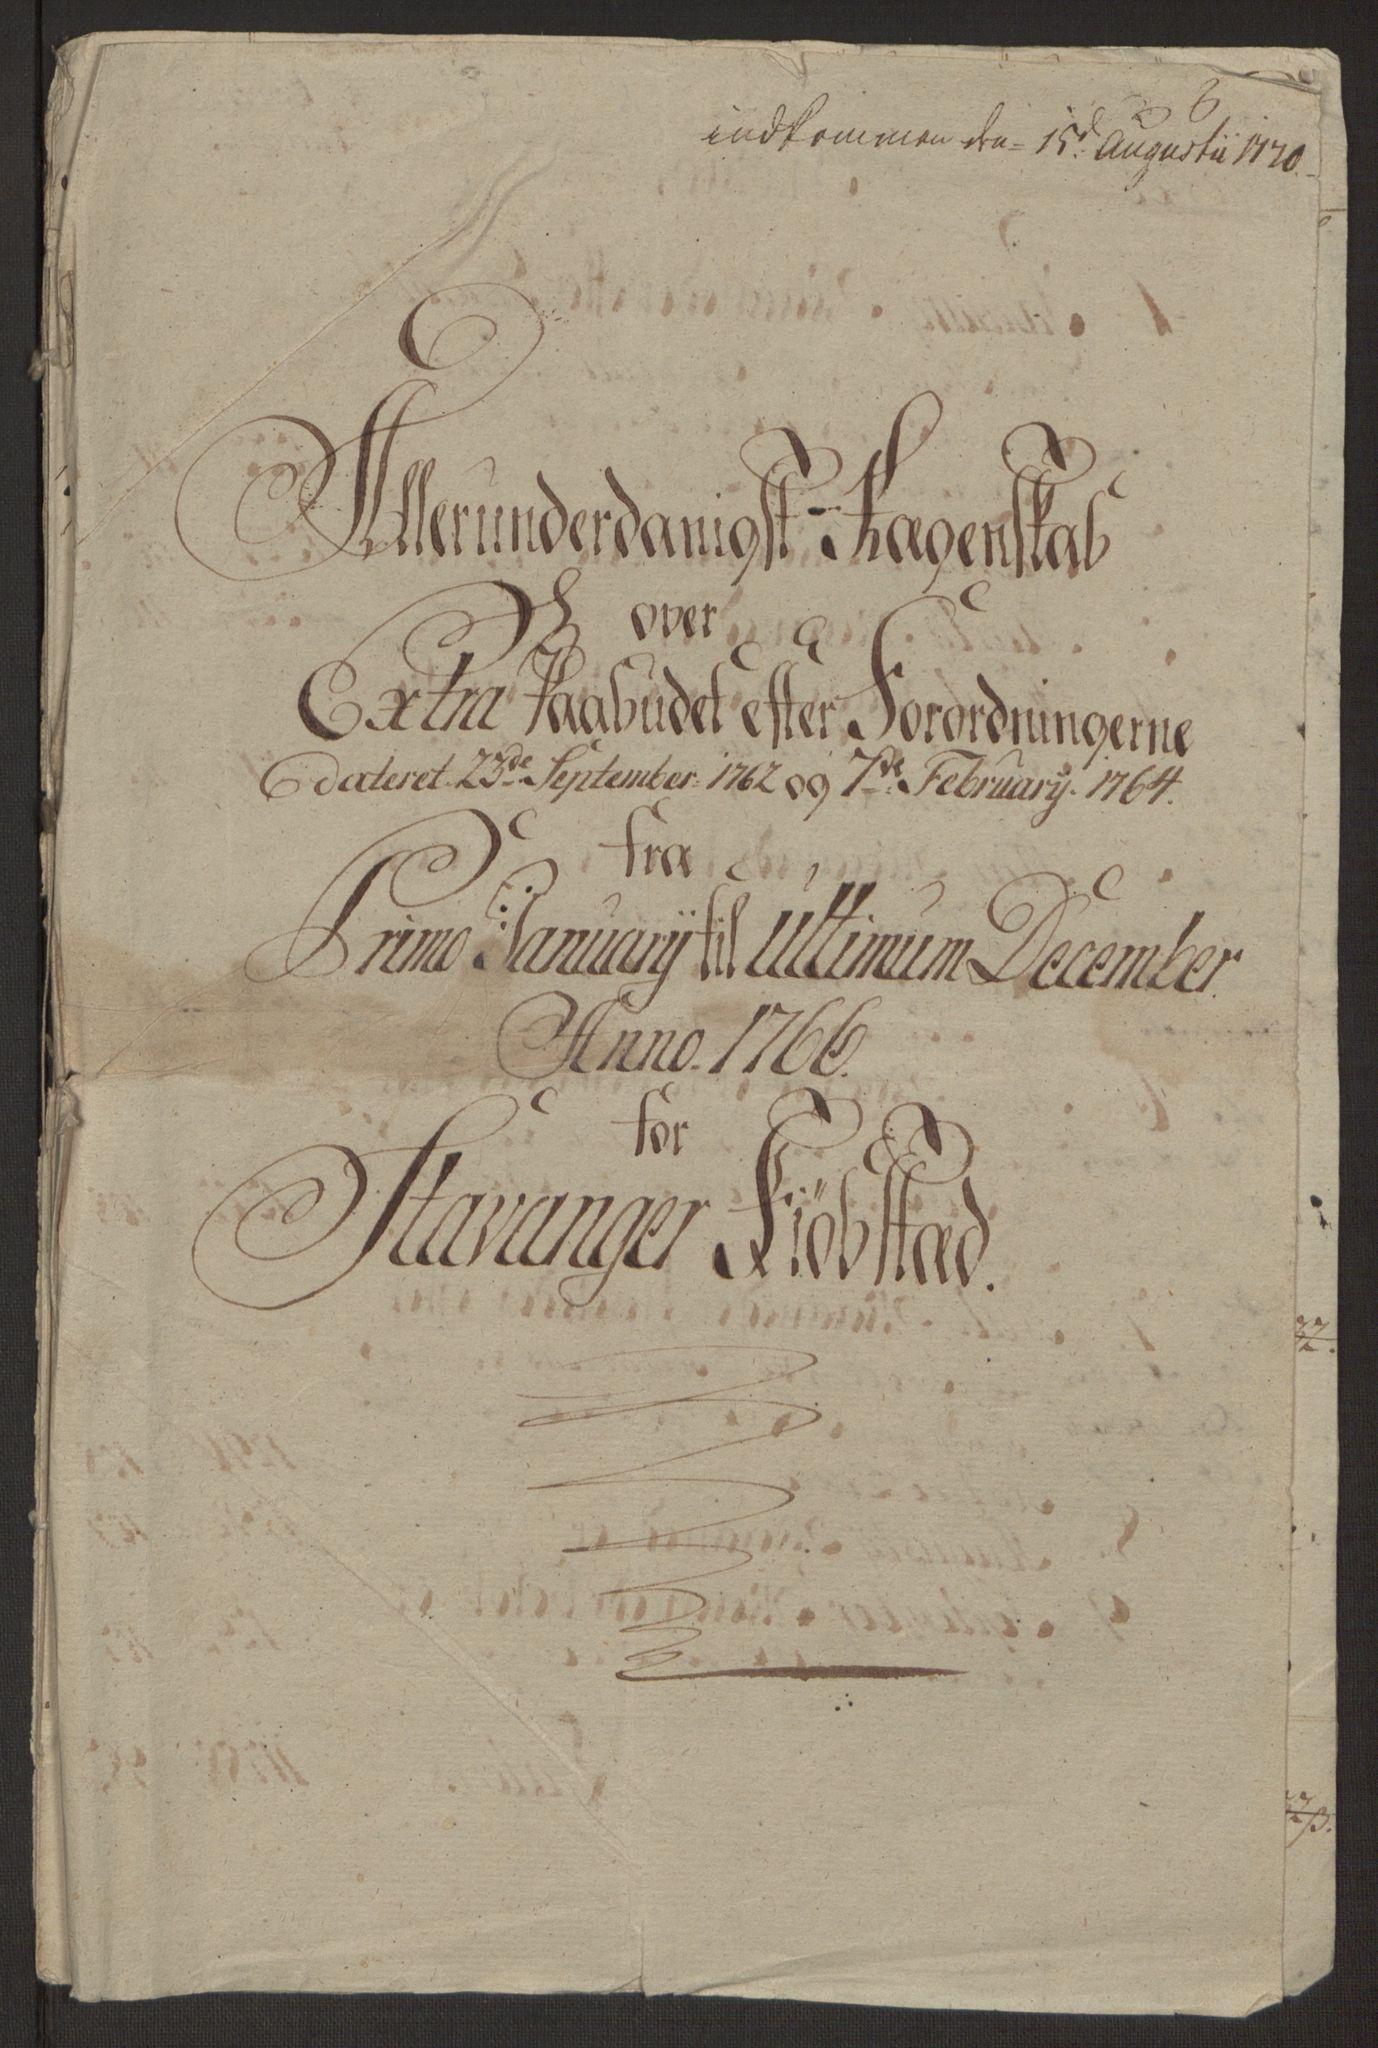 RA, Rentekammeret inntil 1814, Reviderte regnskaper, Byregnskaper, R/Ro/L0305: [O6] Kontribusjonsregnskap, 1762-1768, s. 144